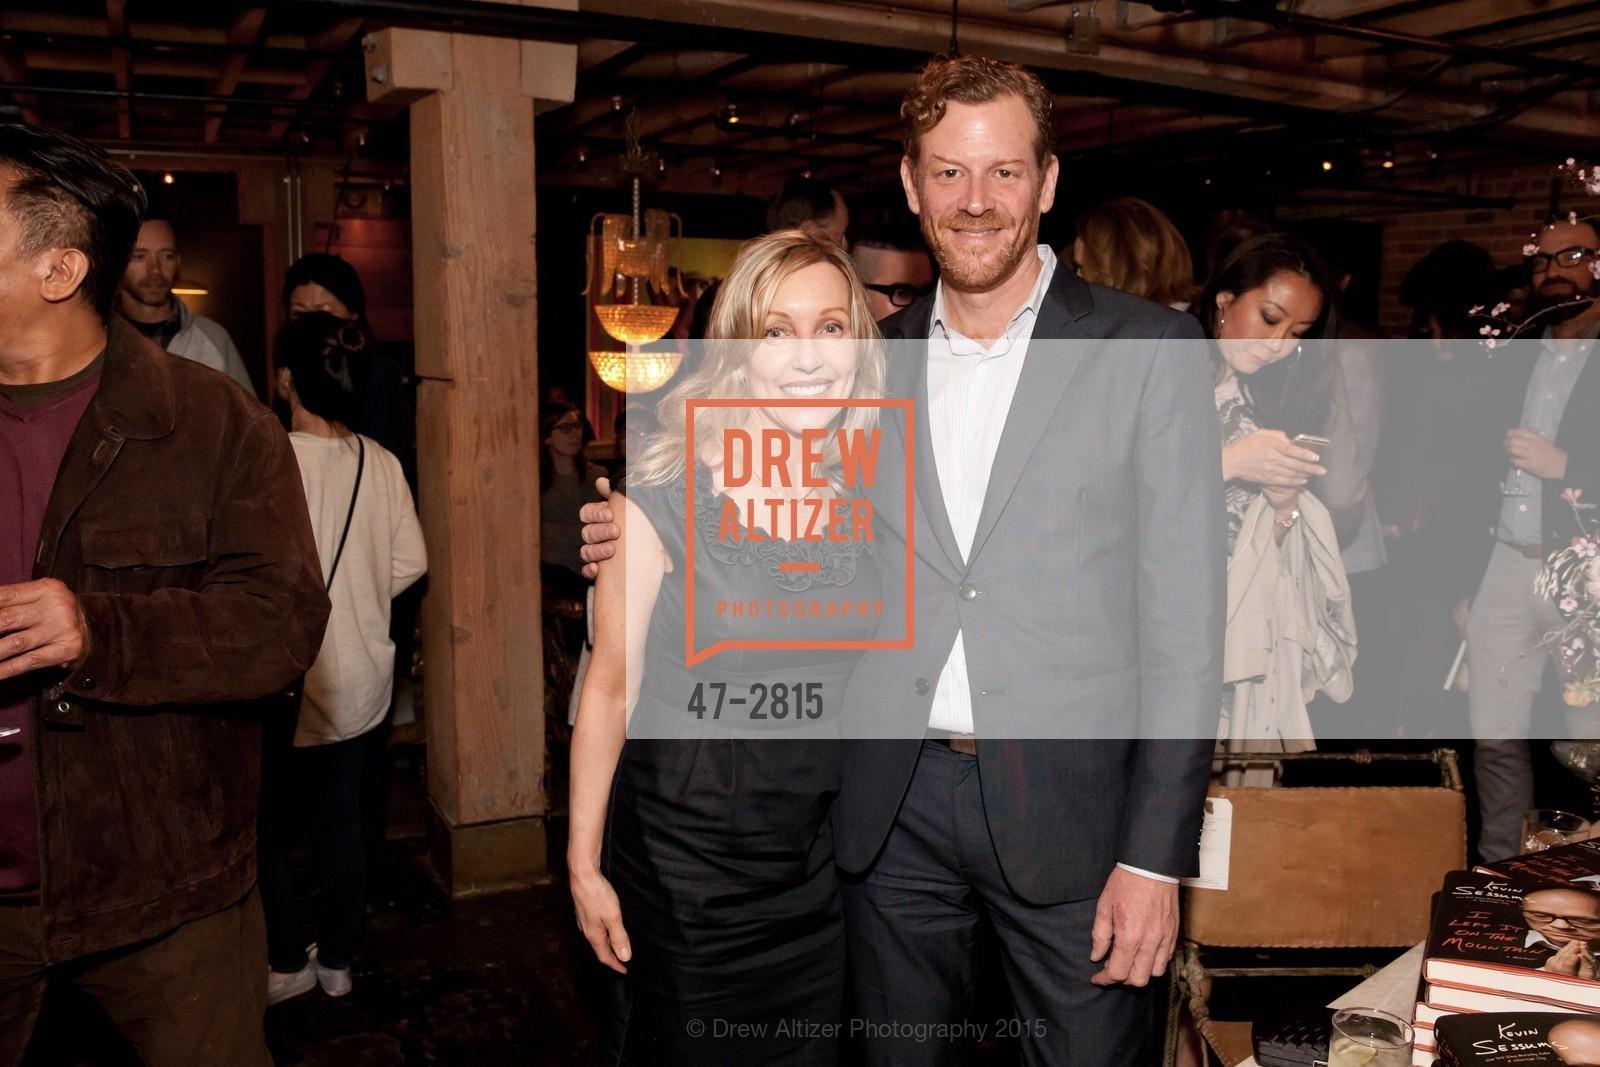 Jona Collins, Stewart Gilchrist, Photo #47-2815